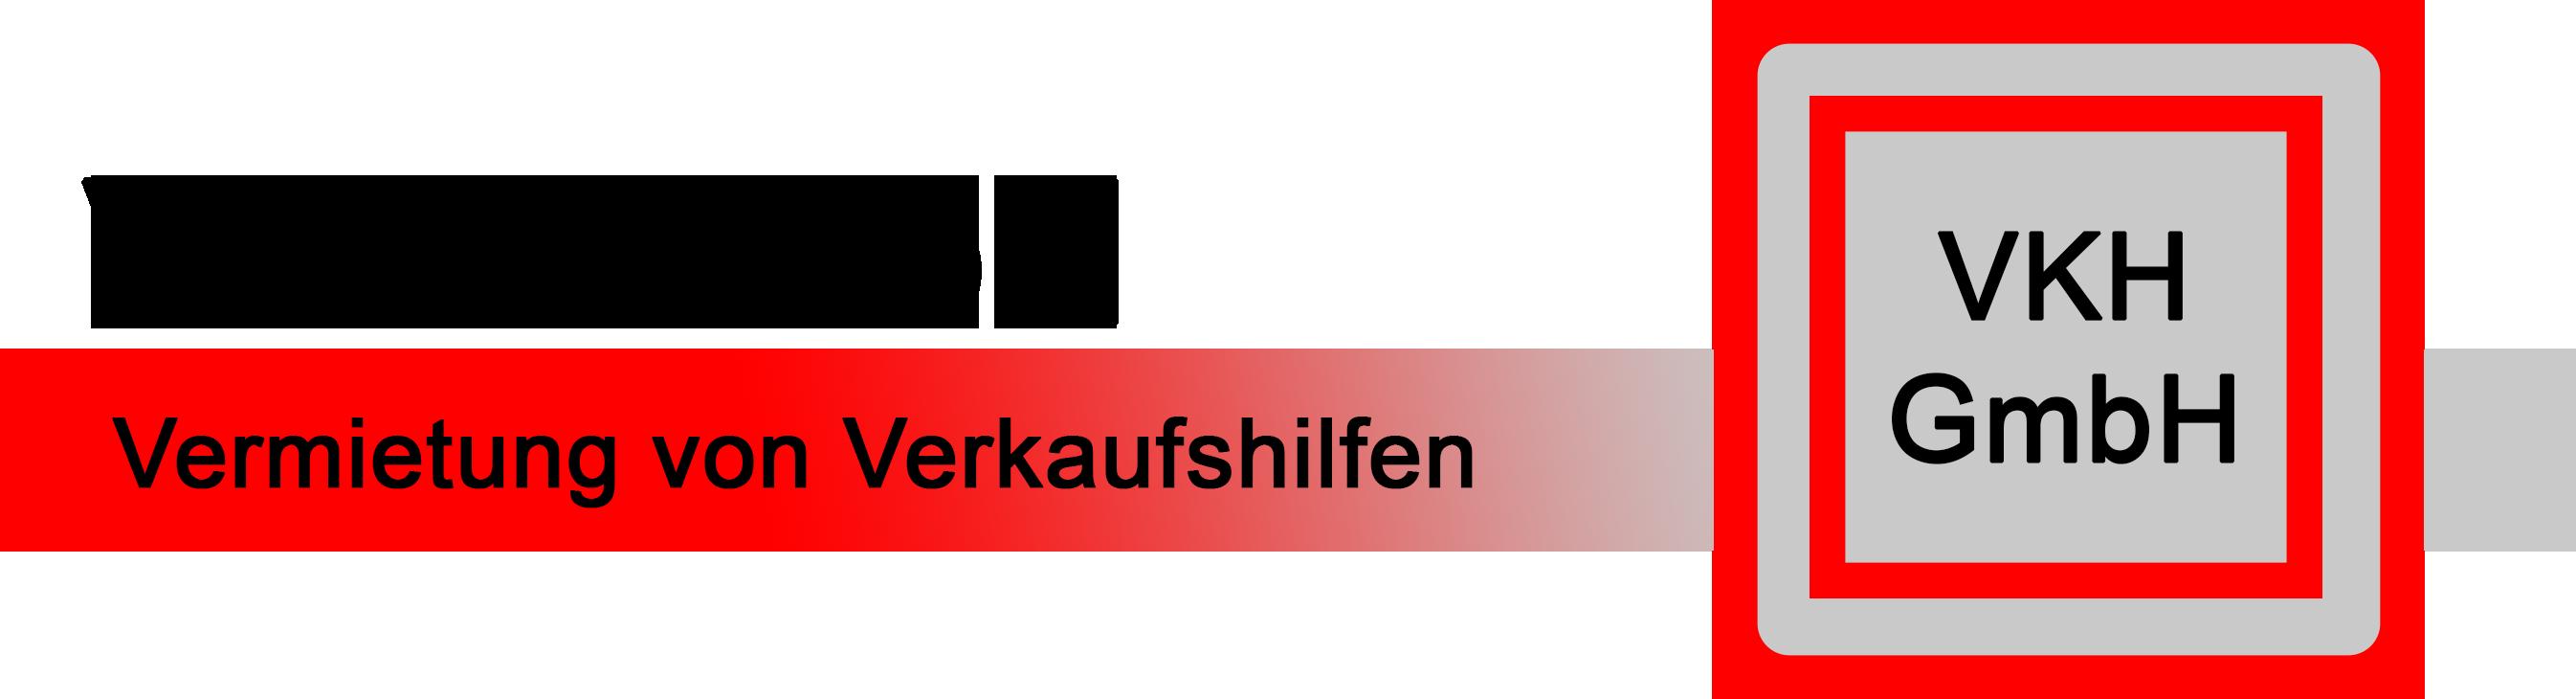 VKH-GmbH